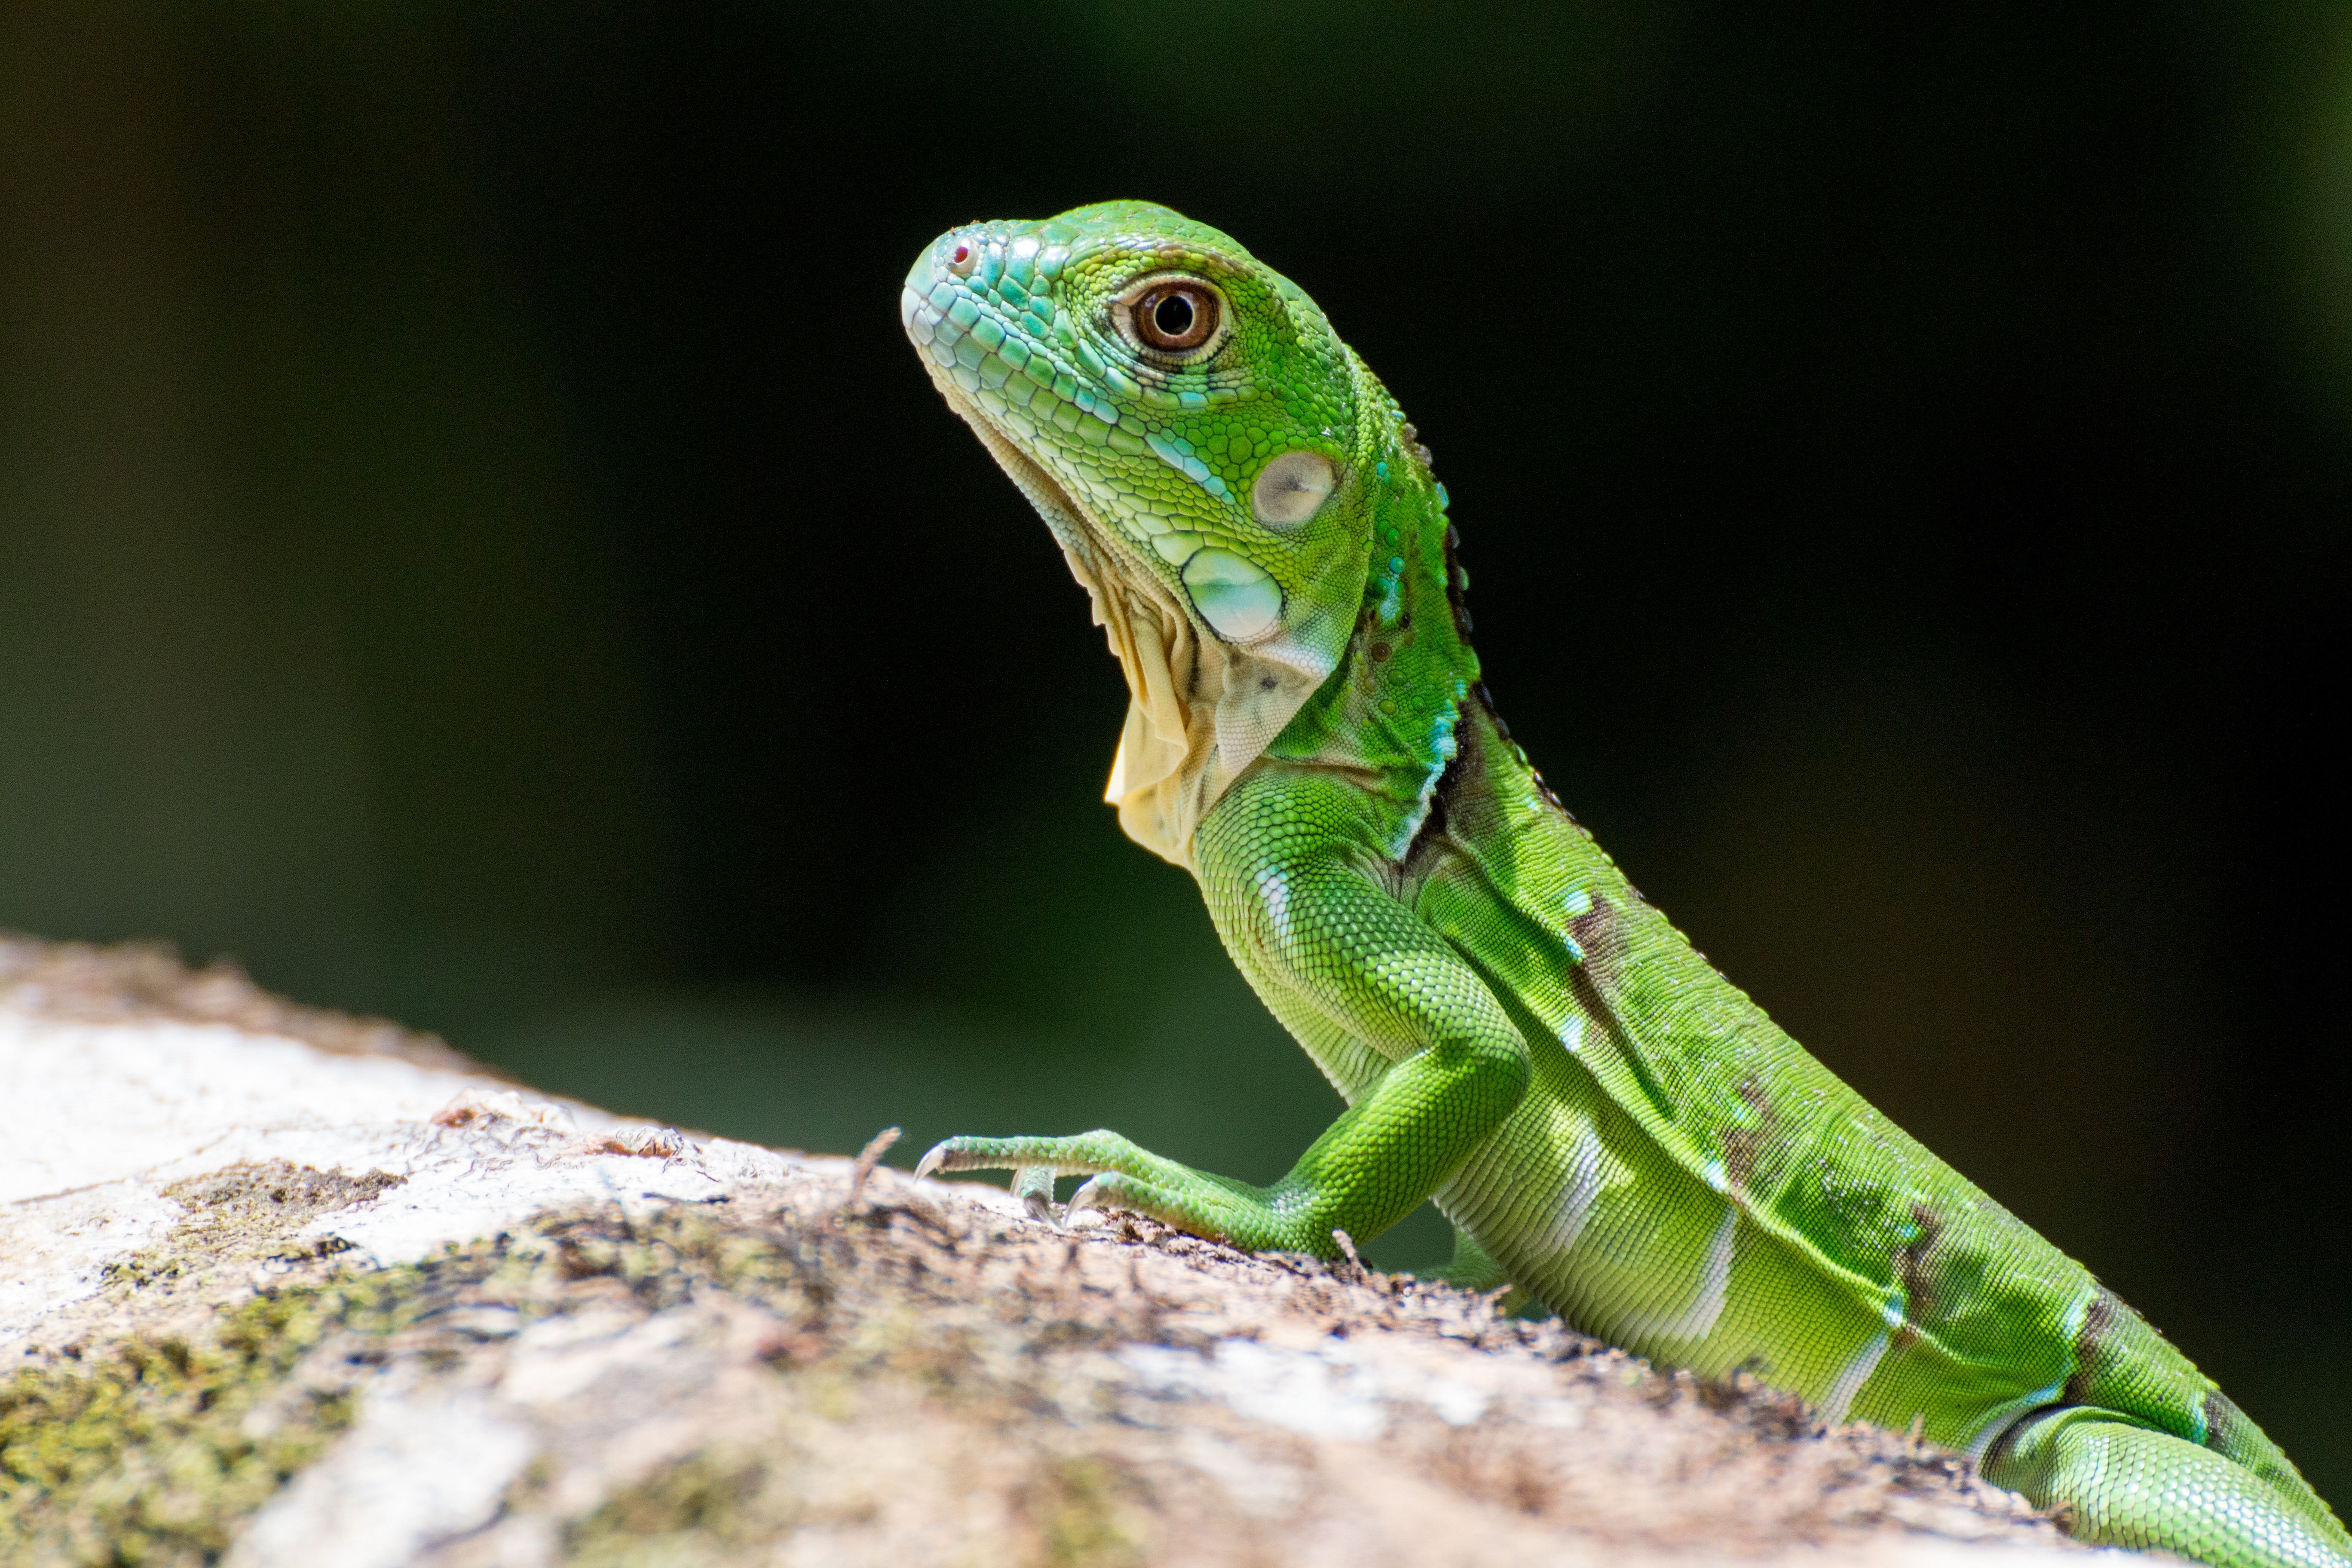 62359 скачать обои Животные, Ящерица, Чешуя, Рептилия, Зеленый, Профиль - заставки и картинки бесплатно